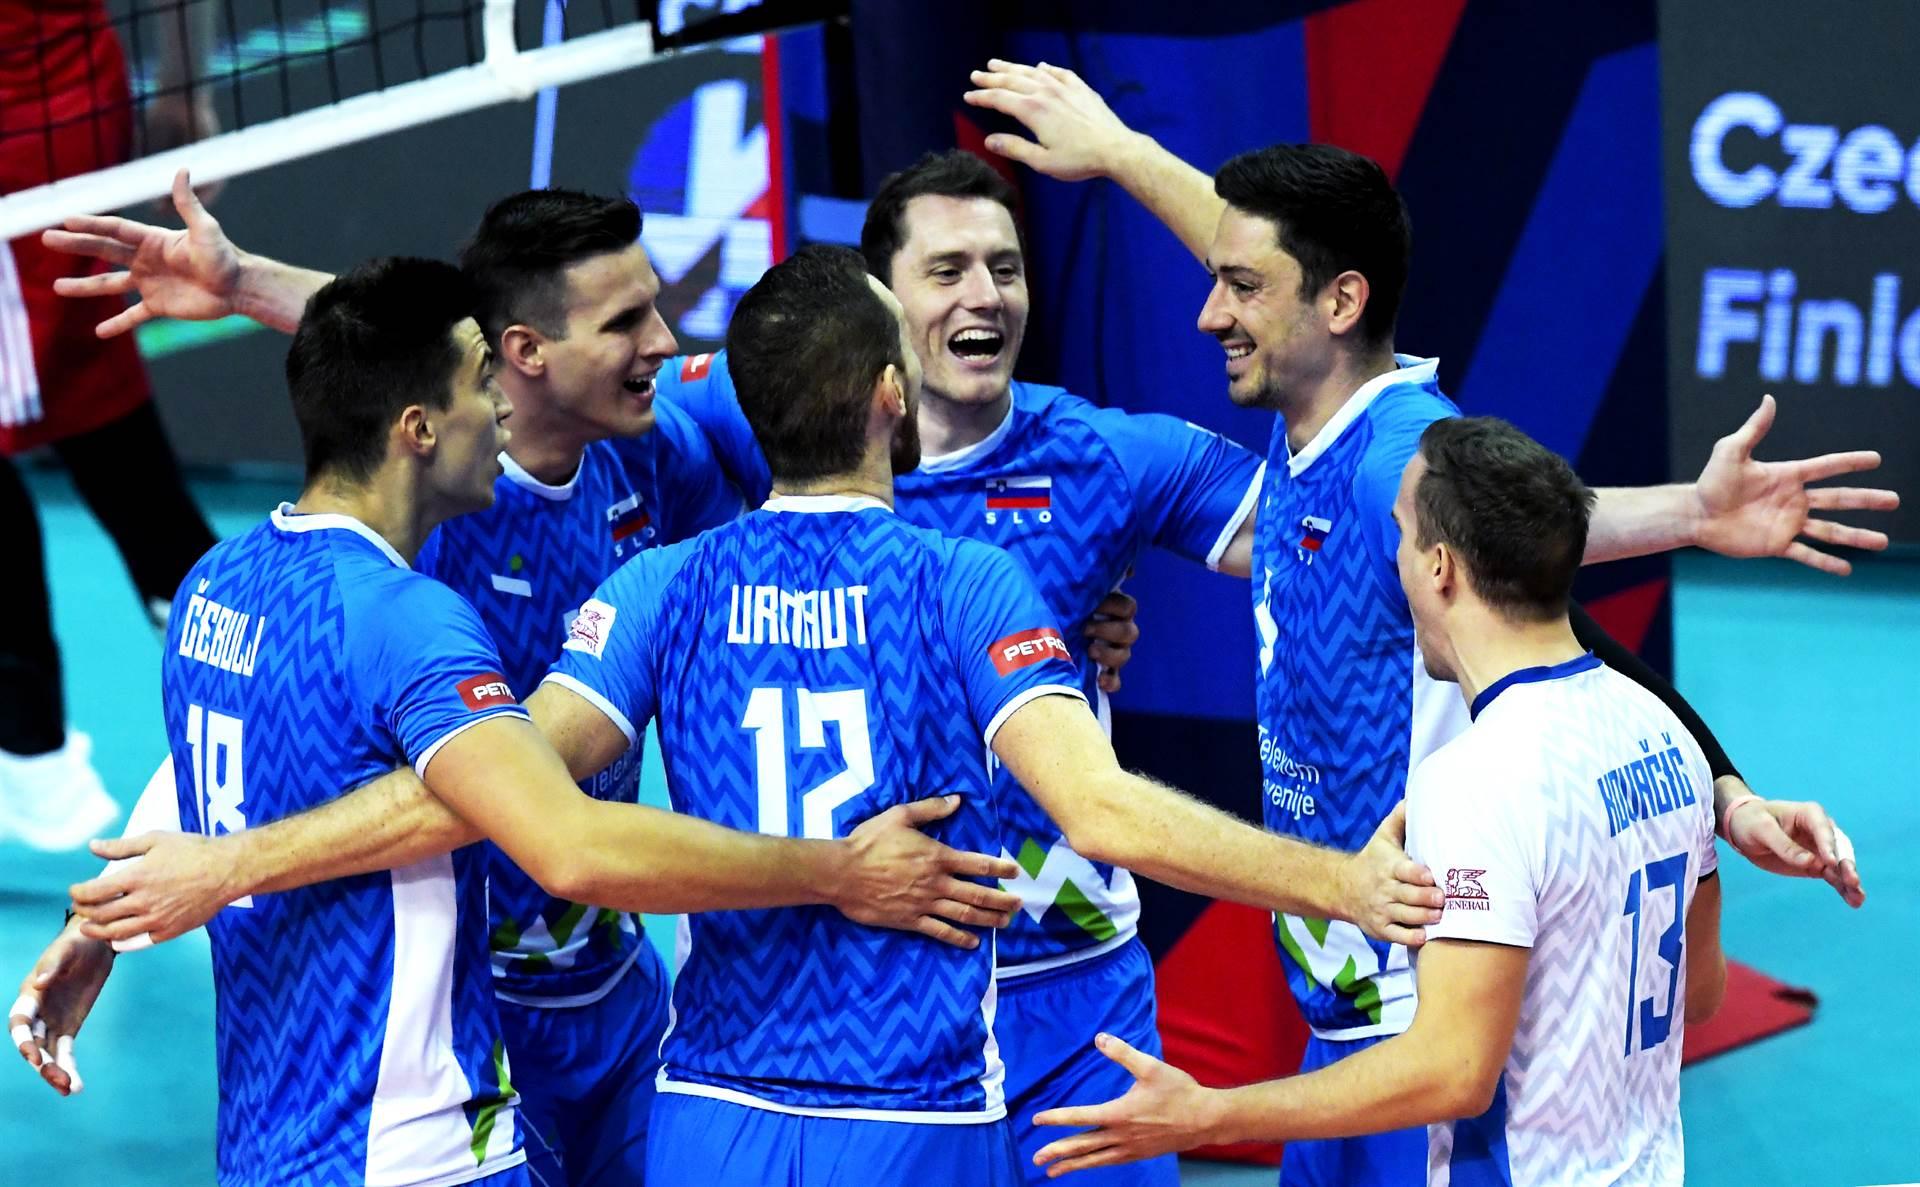 La Slovenia di Stern vola in finale europea! image